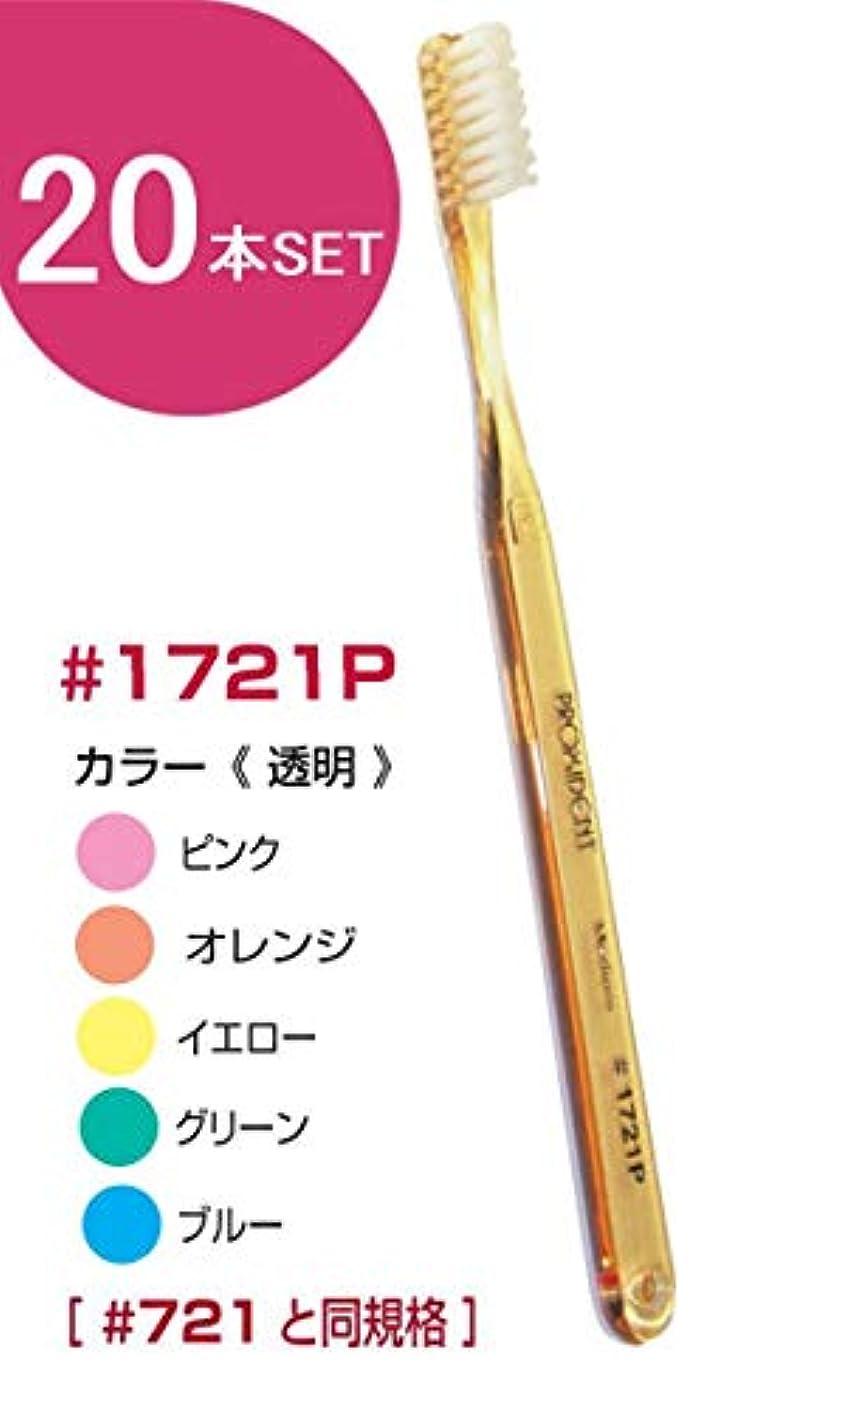 豊かにする衣類エッセイプローデント プロキシデント スリムヘッド M(ミディアム) #1721P(#721と同規格) 歯ブラシ 20本